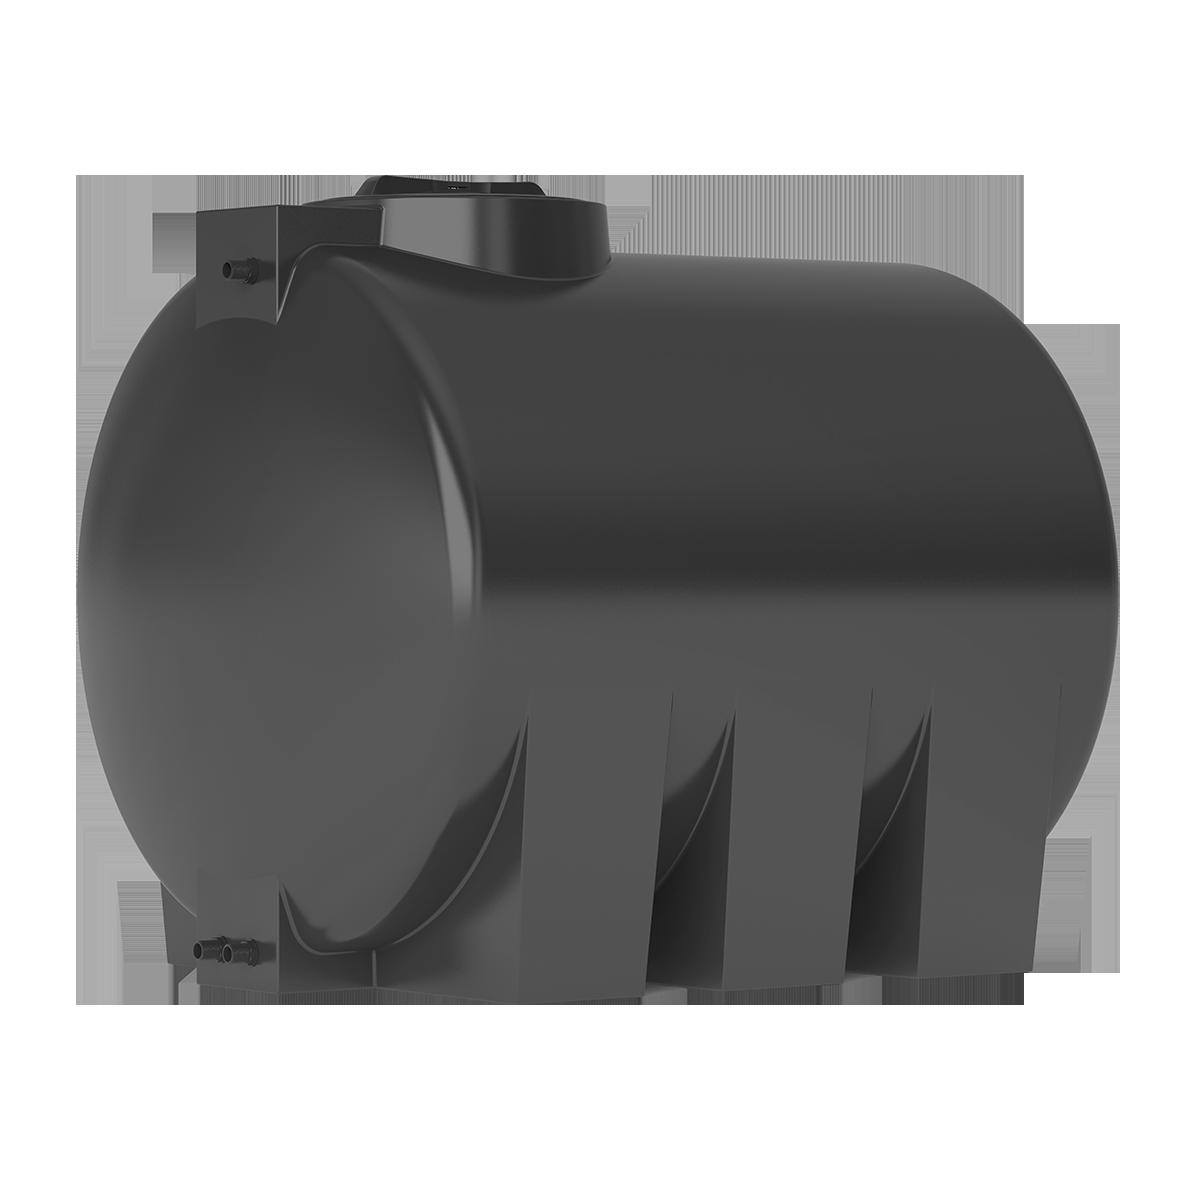 Бак для воды горизонтальный цилиндрический черный АТH с поплавком